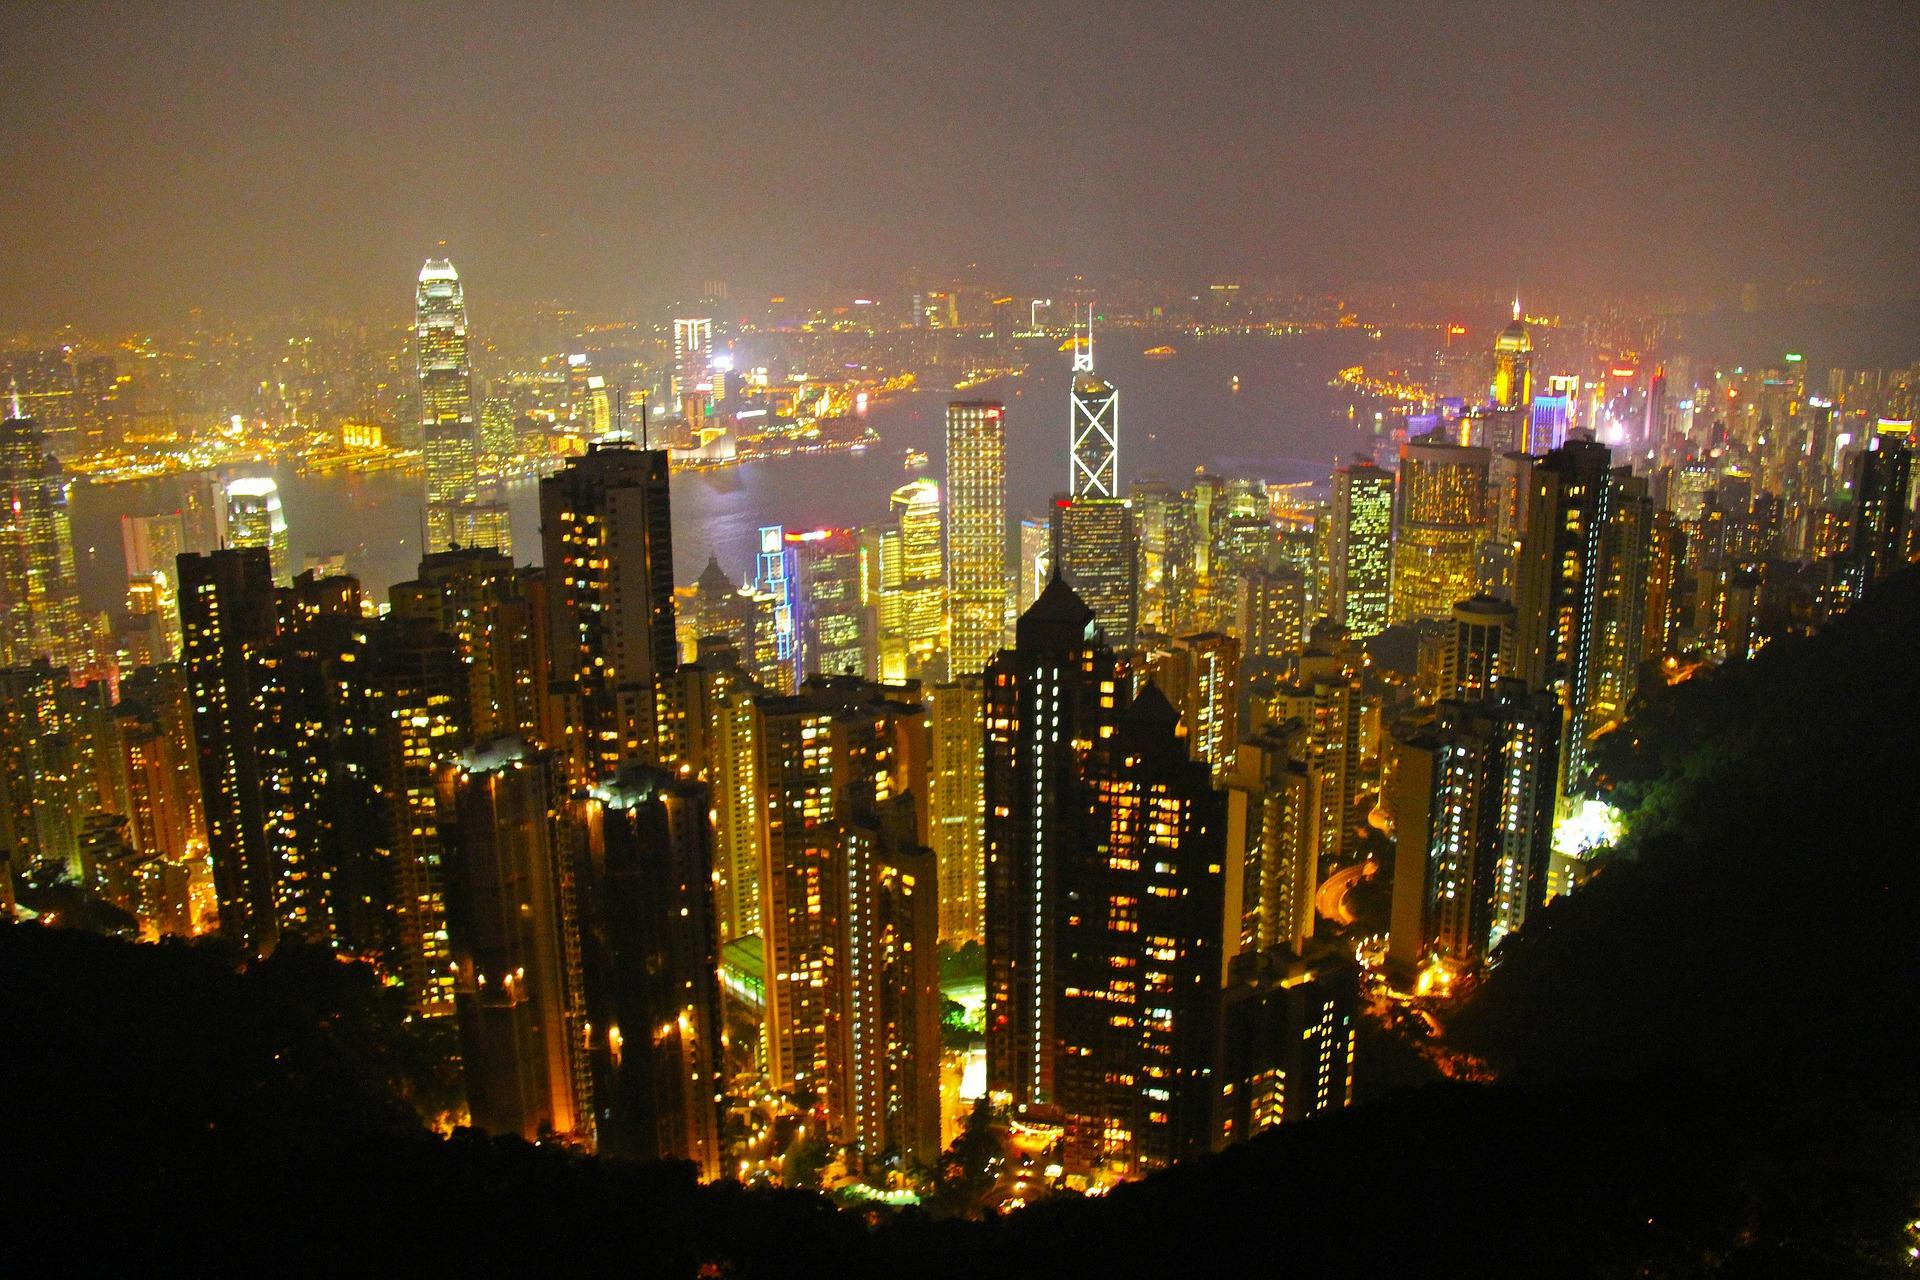 【ヴィクトリアピークから眺める絶景】2泊3日で行く香港旅行記